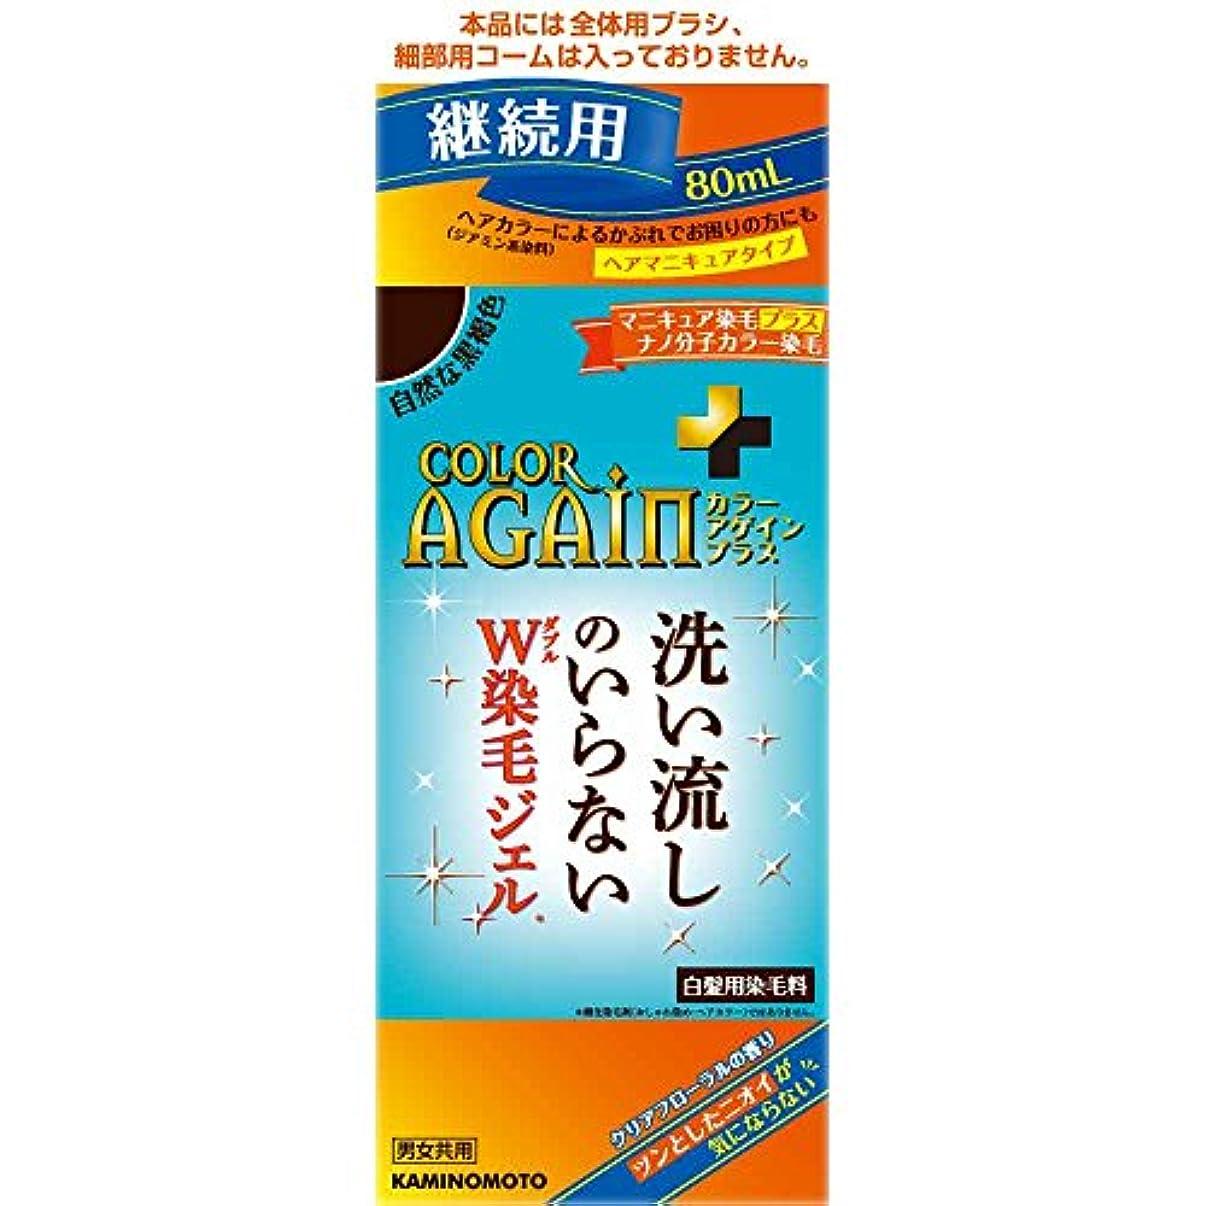 財団ハイキングスキャンダルカラーアゲインプラス 自然な黒褐色 継続用 80mL